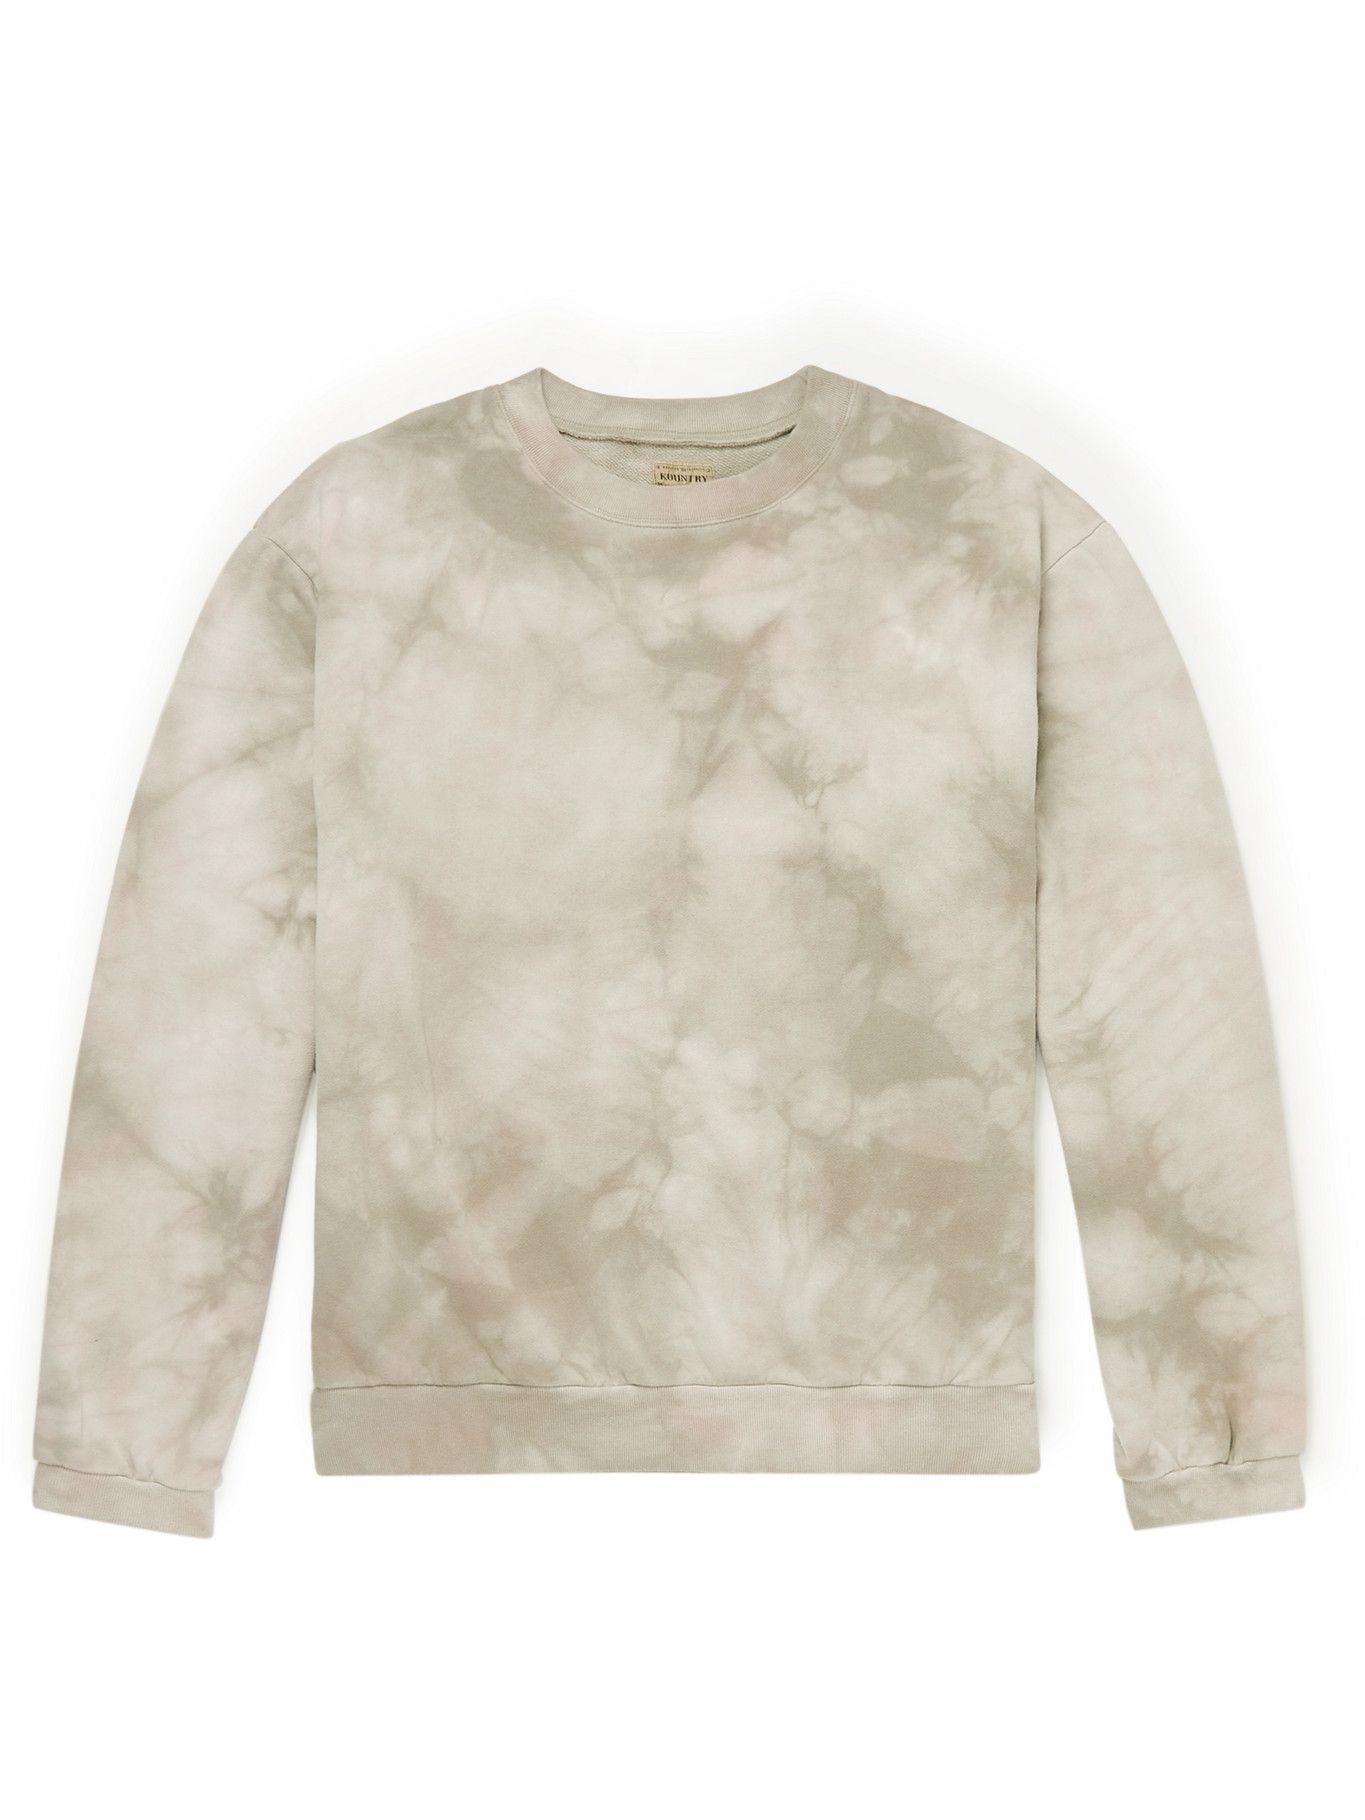 KAPITAL - Tie-Dyed Cotton-Jersey Sweatshirt - Neutrals